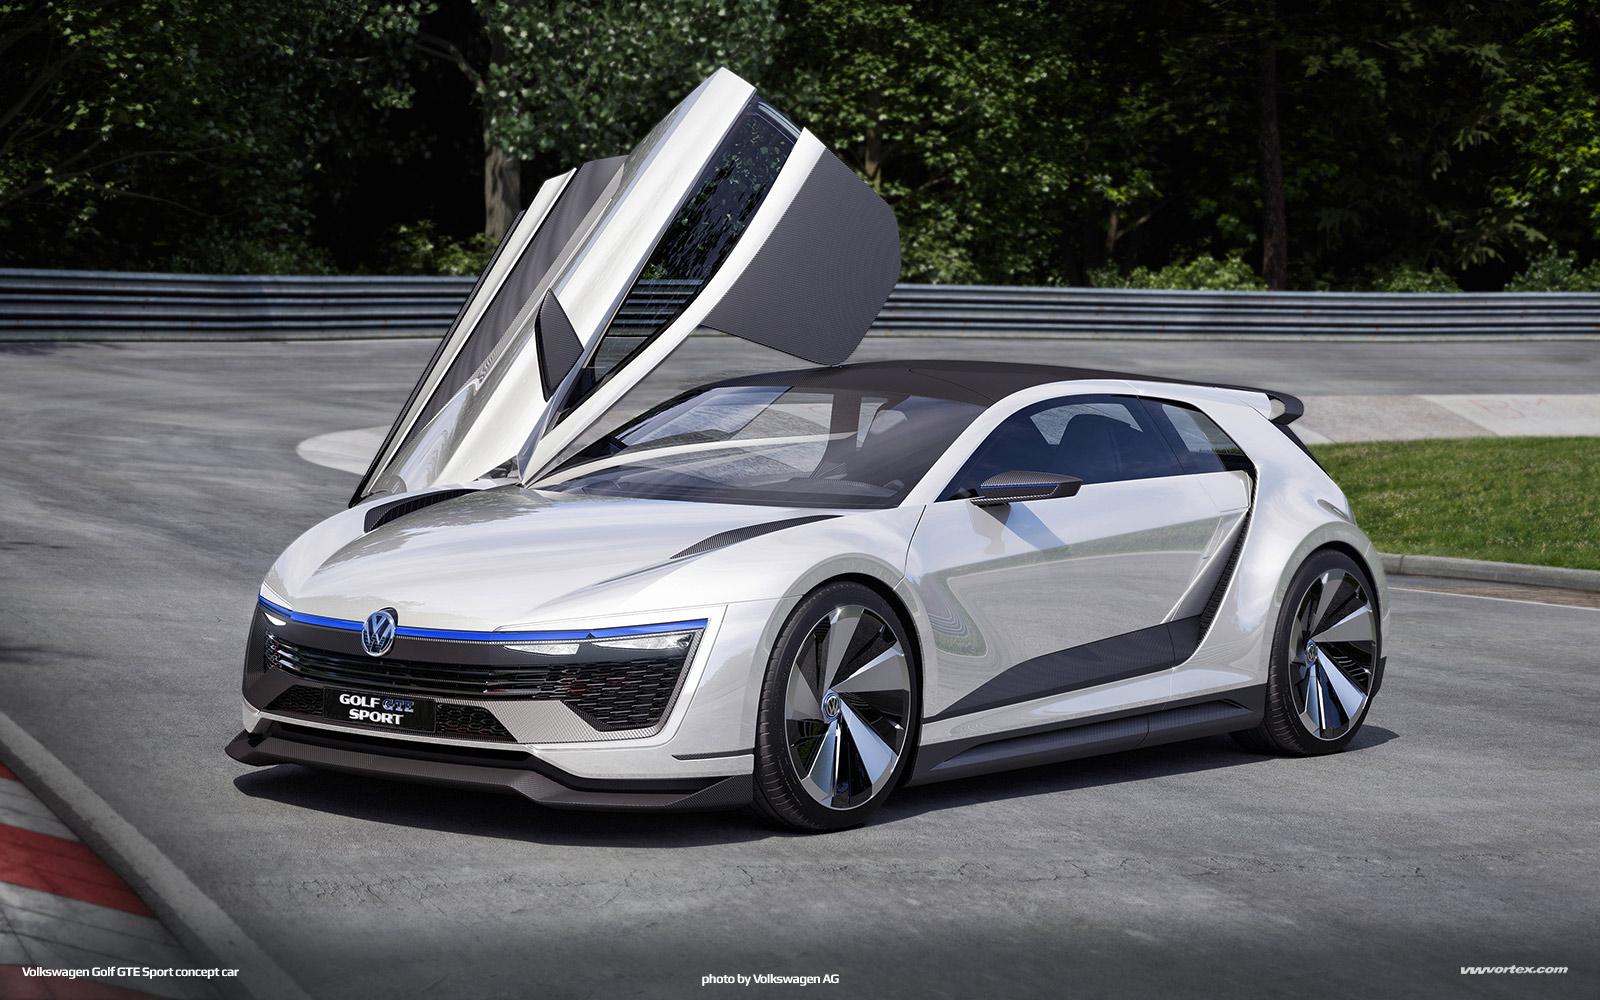 Volkswagen-Golf-GTE-Sport-concept-922